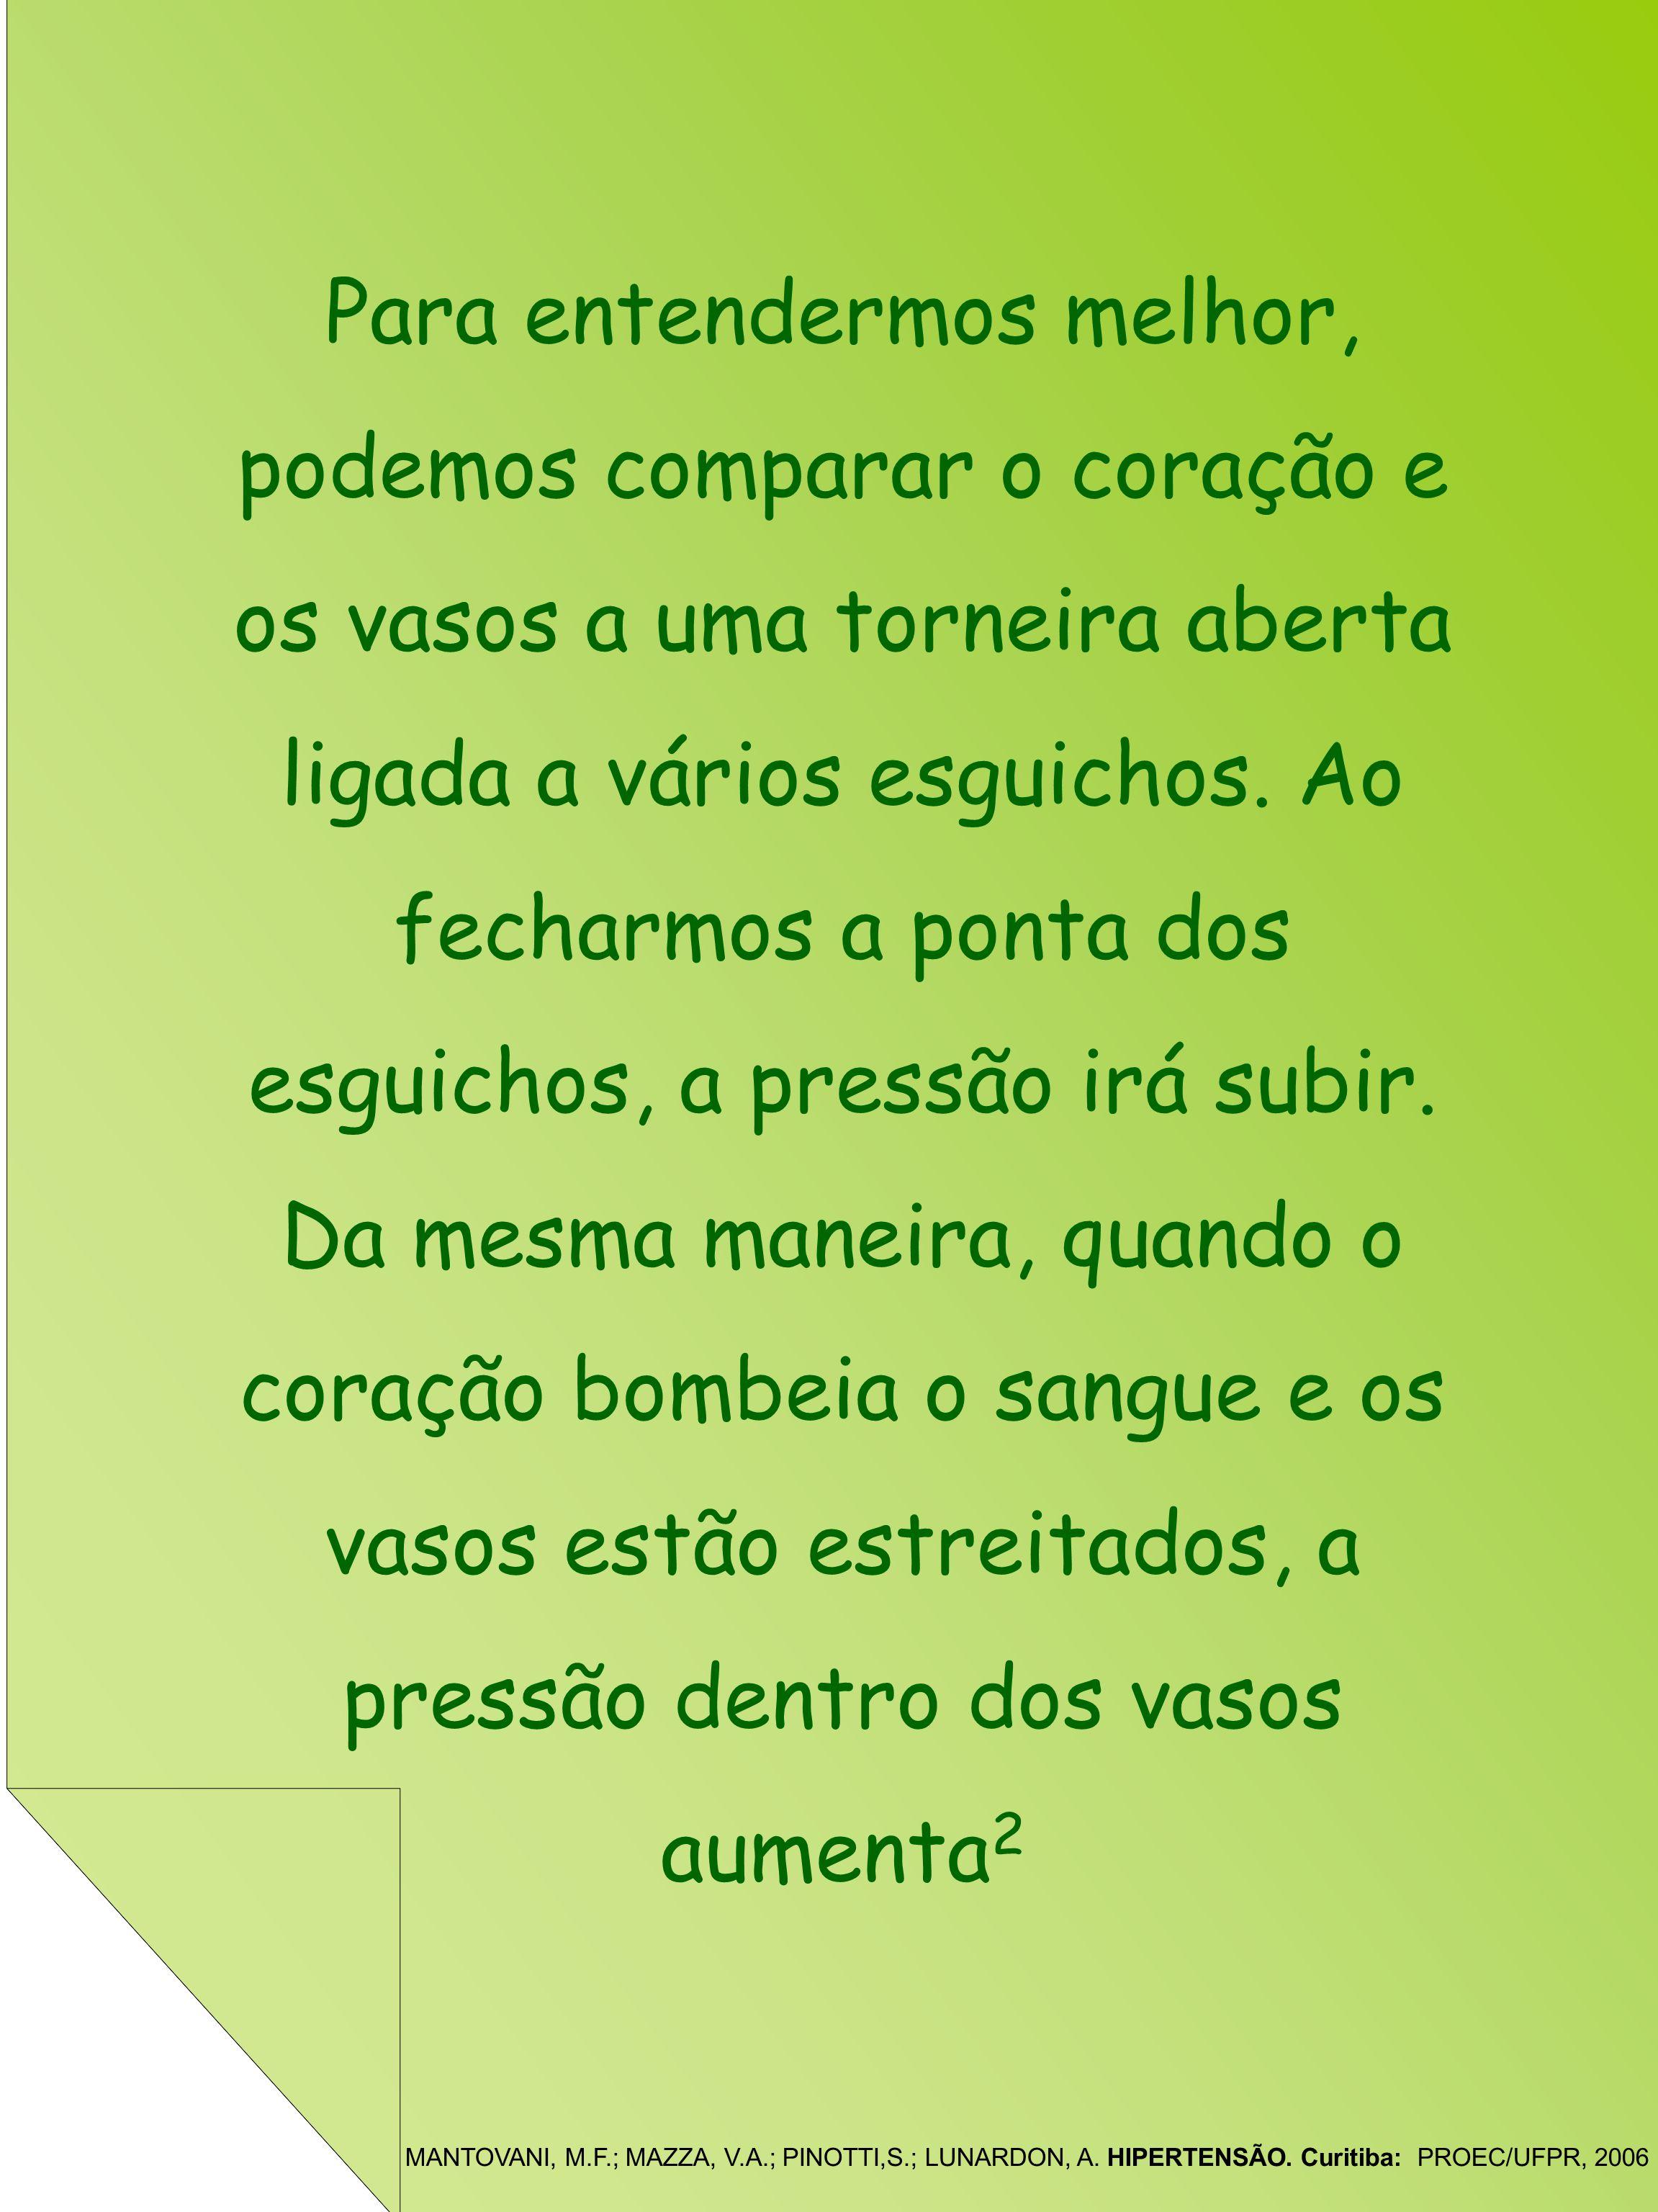 GEMSA MATERIAL ELABORADO POR: Maria de Fátima Mantovani Verônica de Azevedo Mazza Suzana Pinotti Alexandra Lunardon Universidade Federal do Paraná Grupo de Estudos Multiprofissional em Saúde do Adulto (GEMSA).